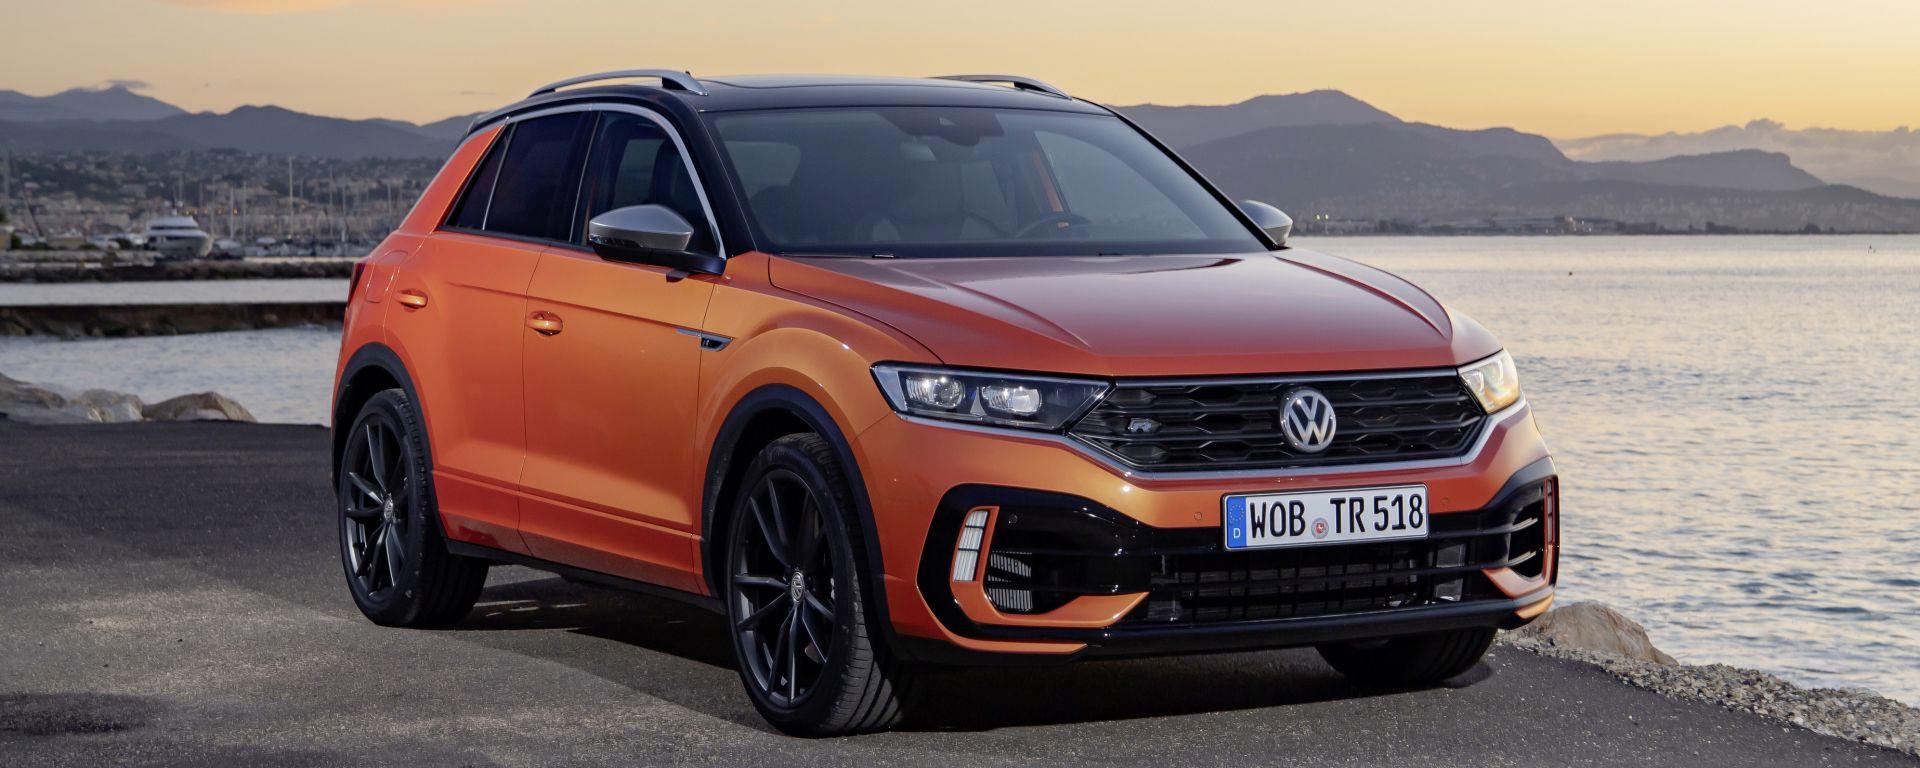 Volkswagen T-Roc GTE in arrivo?